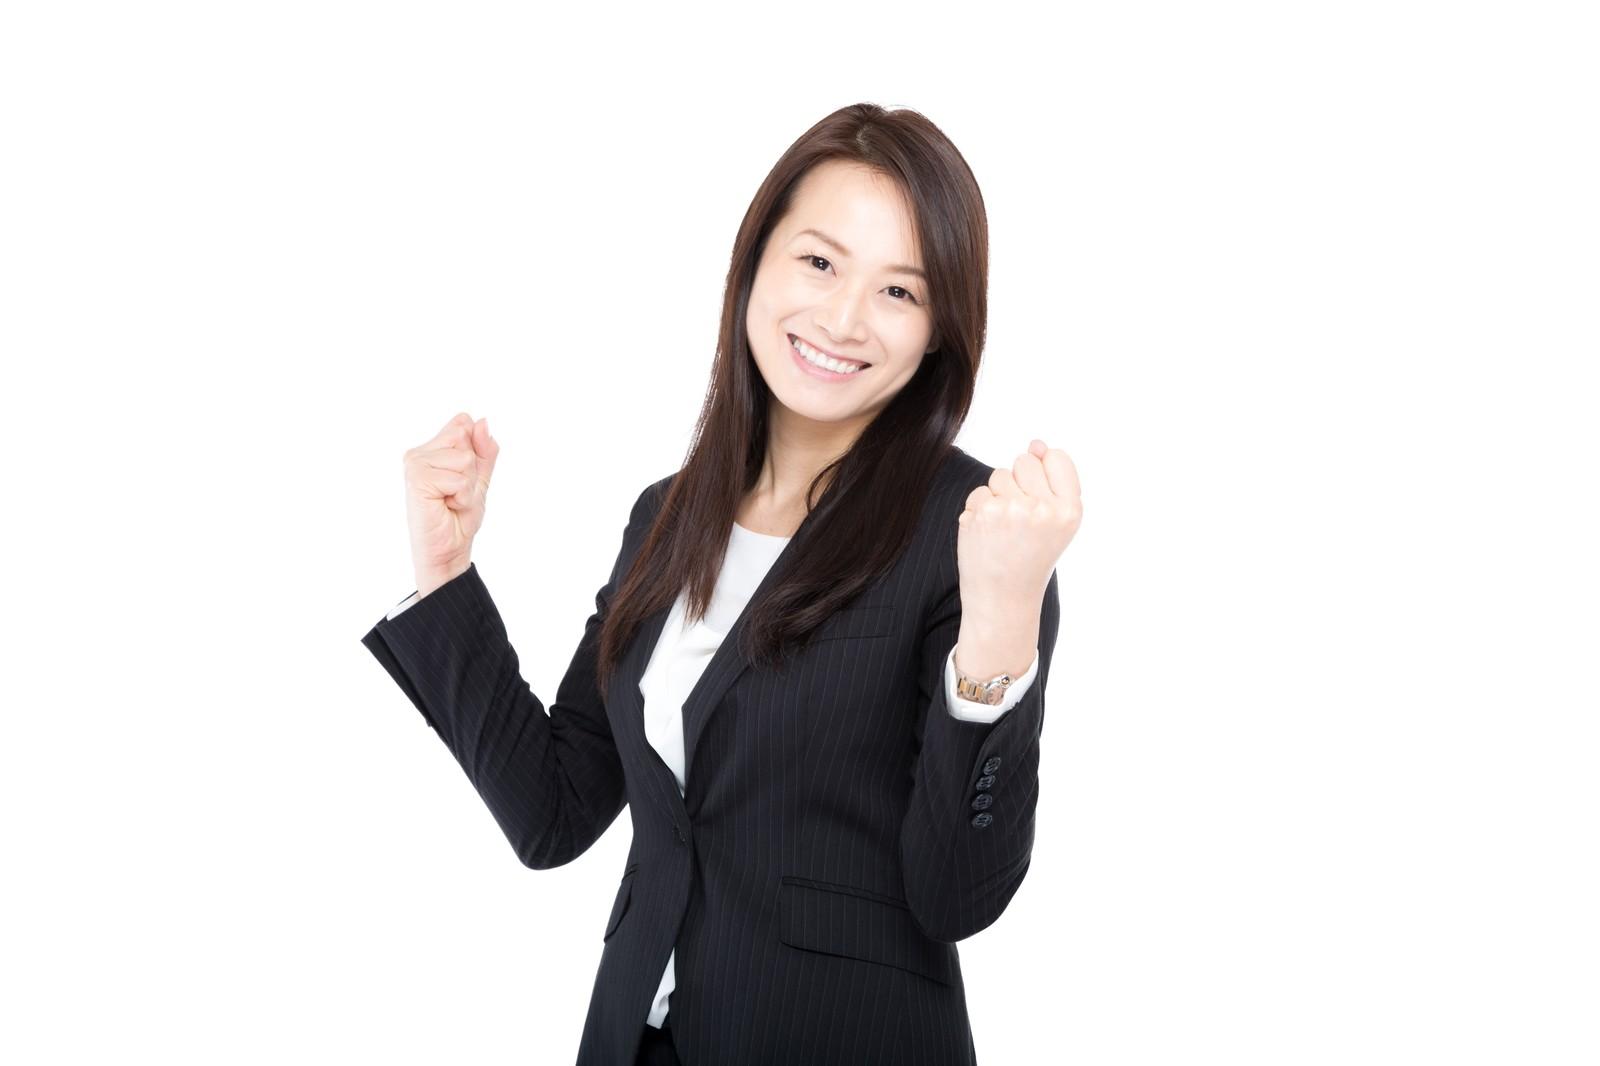 【山梨県甲府市の求人】私たちと一緒に働こう!!一般事務スタッフ急募!!